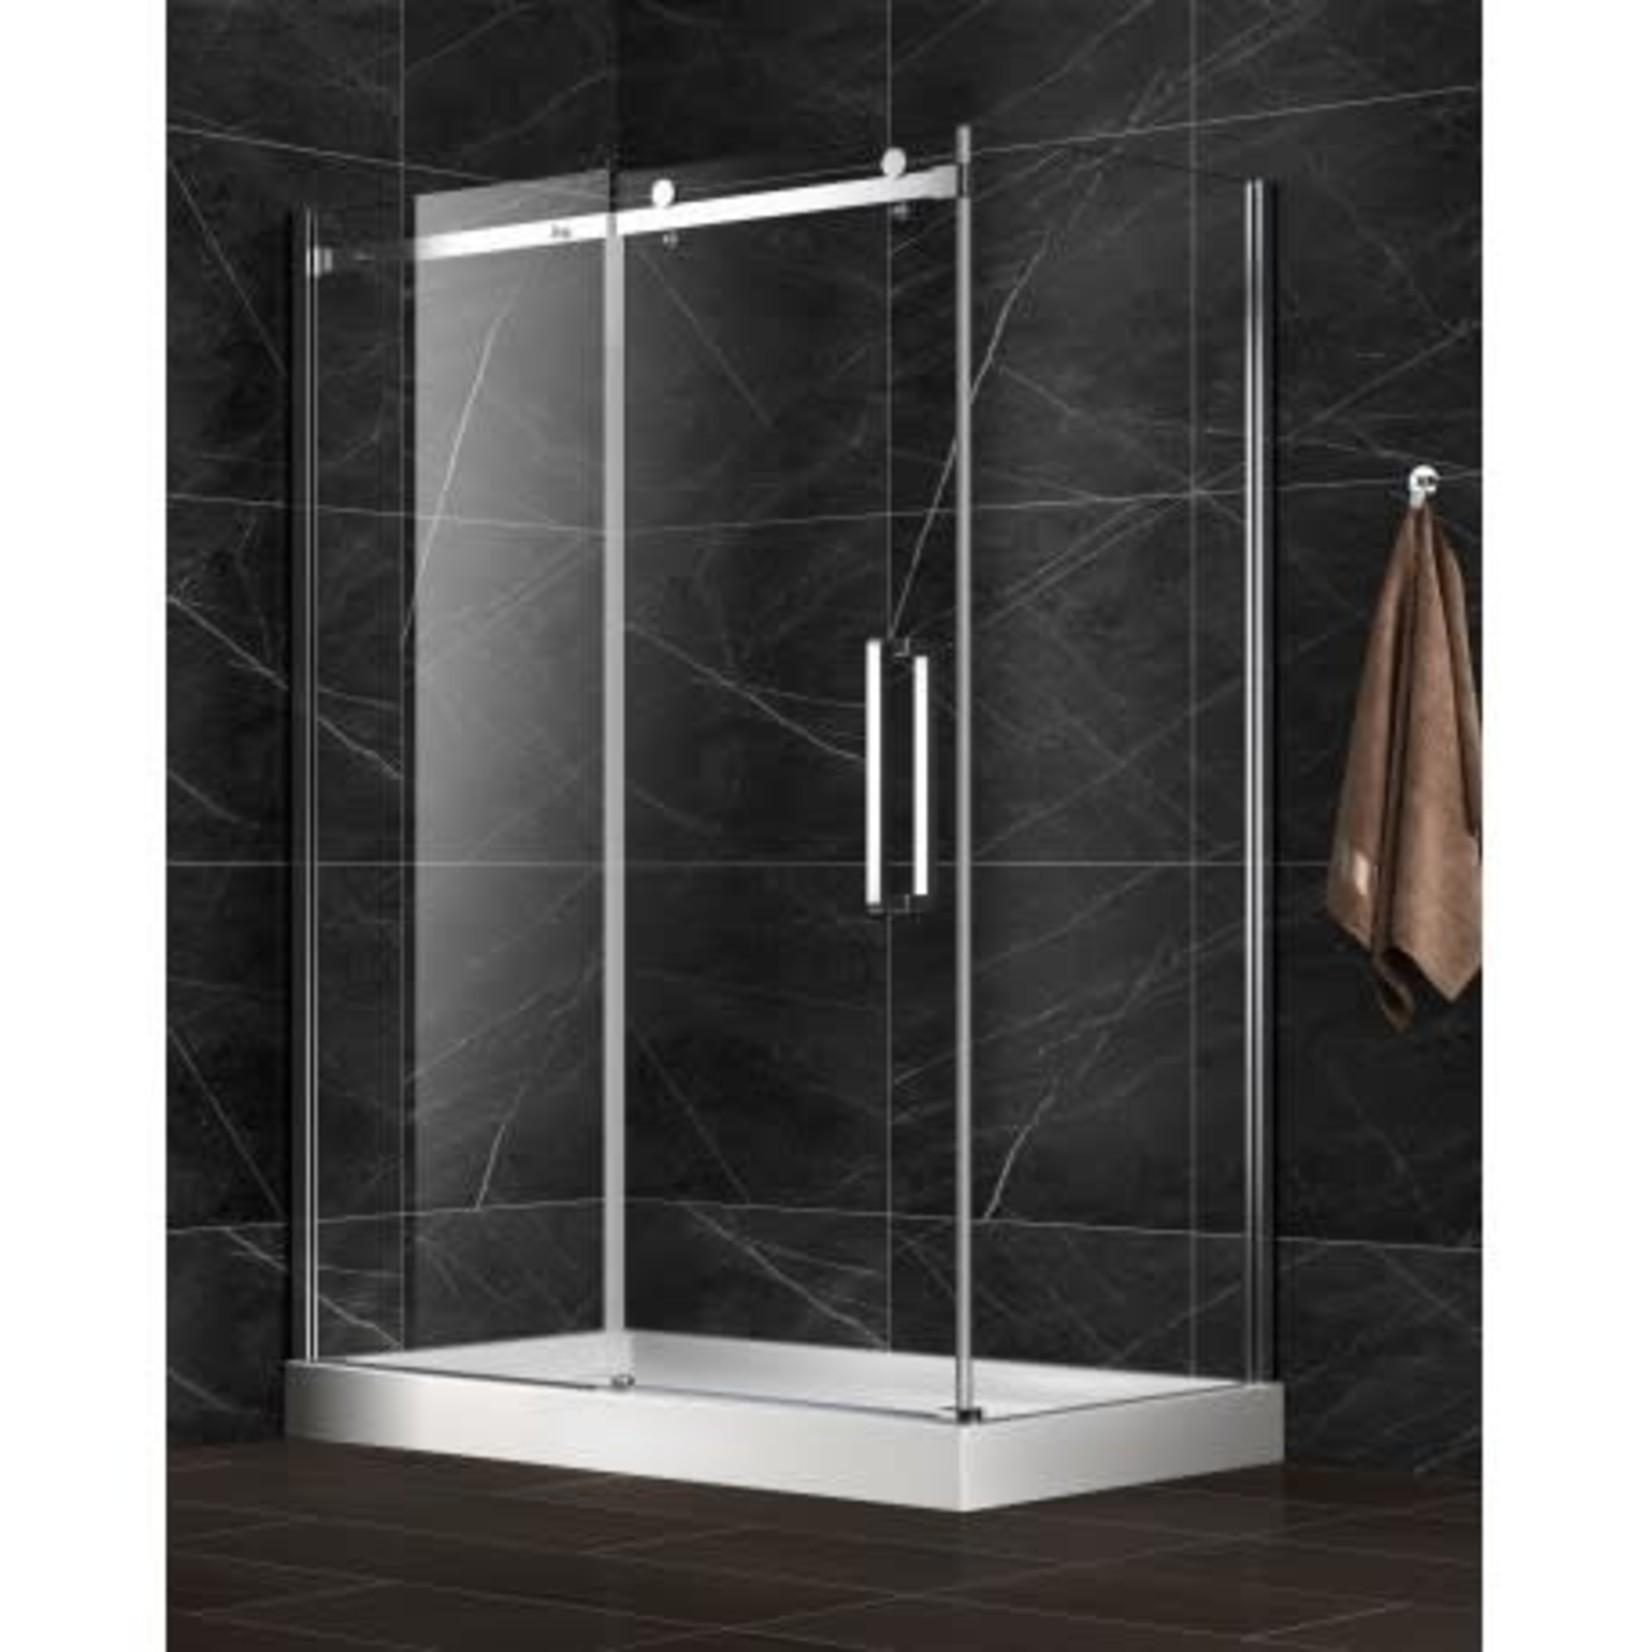 Plitos shower 36x48